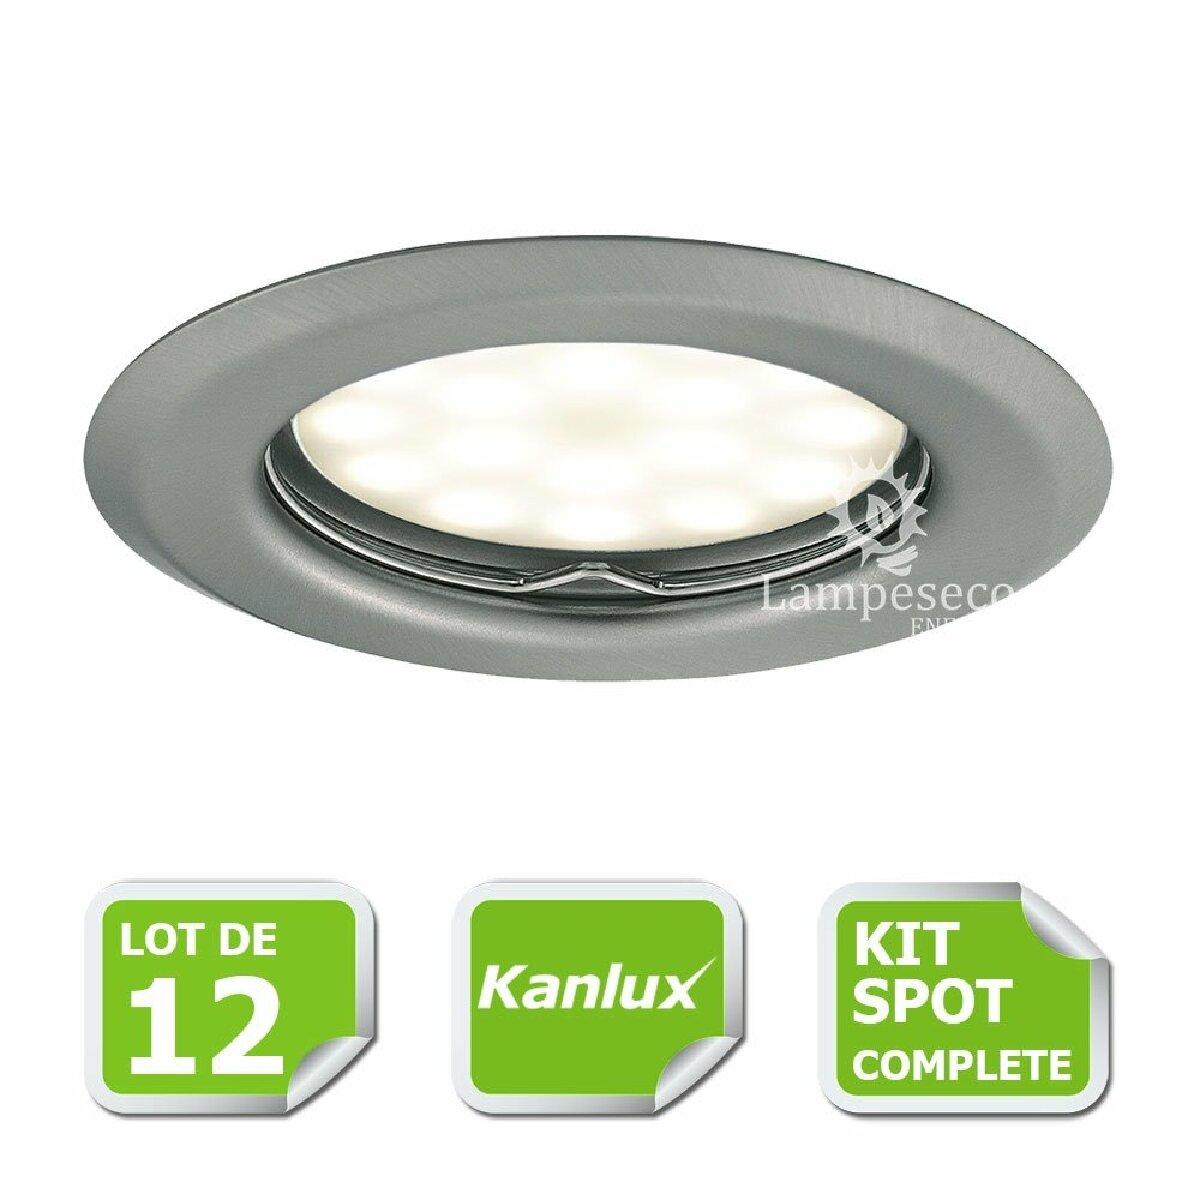 Kanlux Kit complete de 12 Spots encastrable chrome mat marque Kanlux avec GU10 LED 5W Blanc Chaud